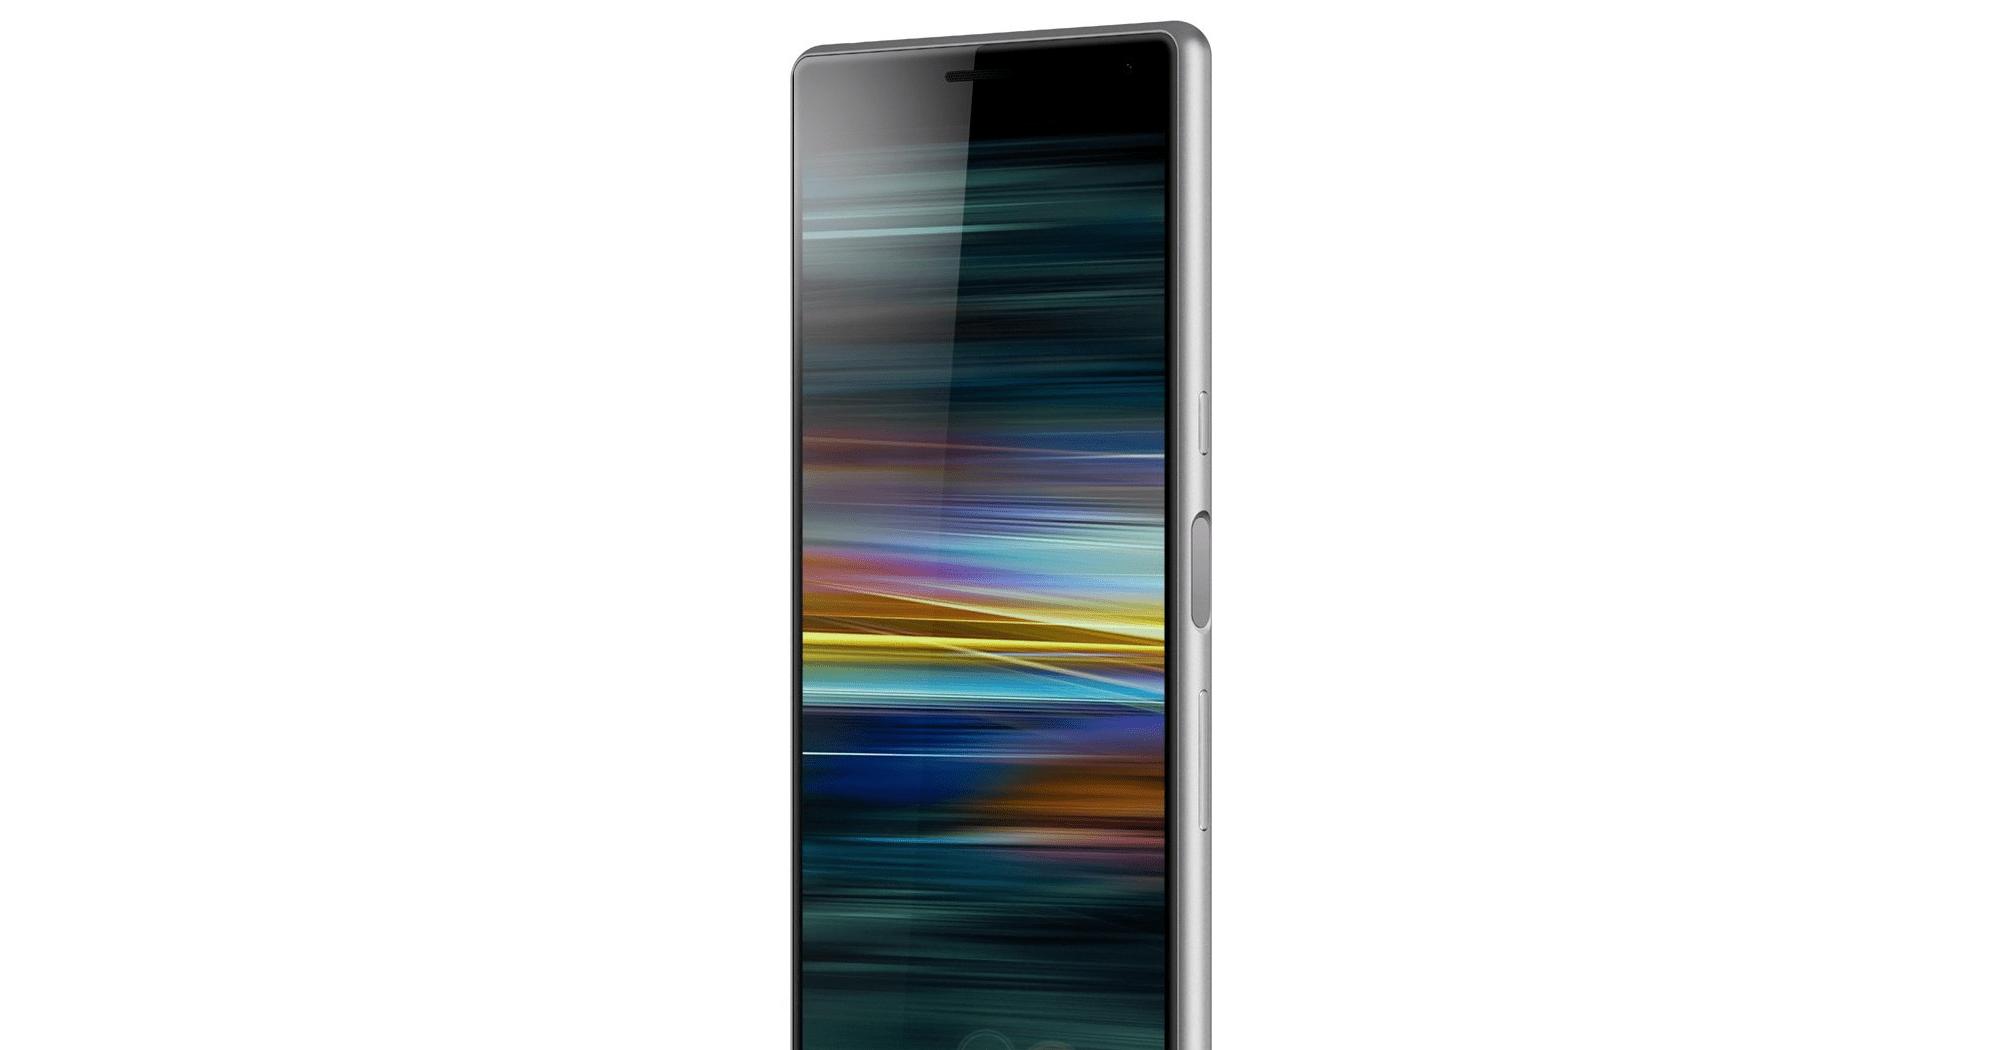 Новый смартфон Sony может получить экран с соотношением сторон 21:9